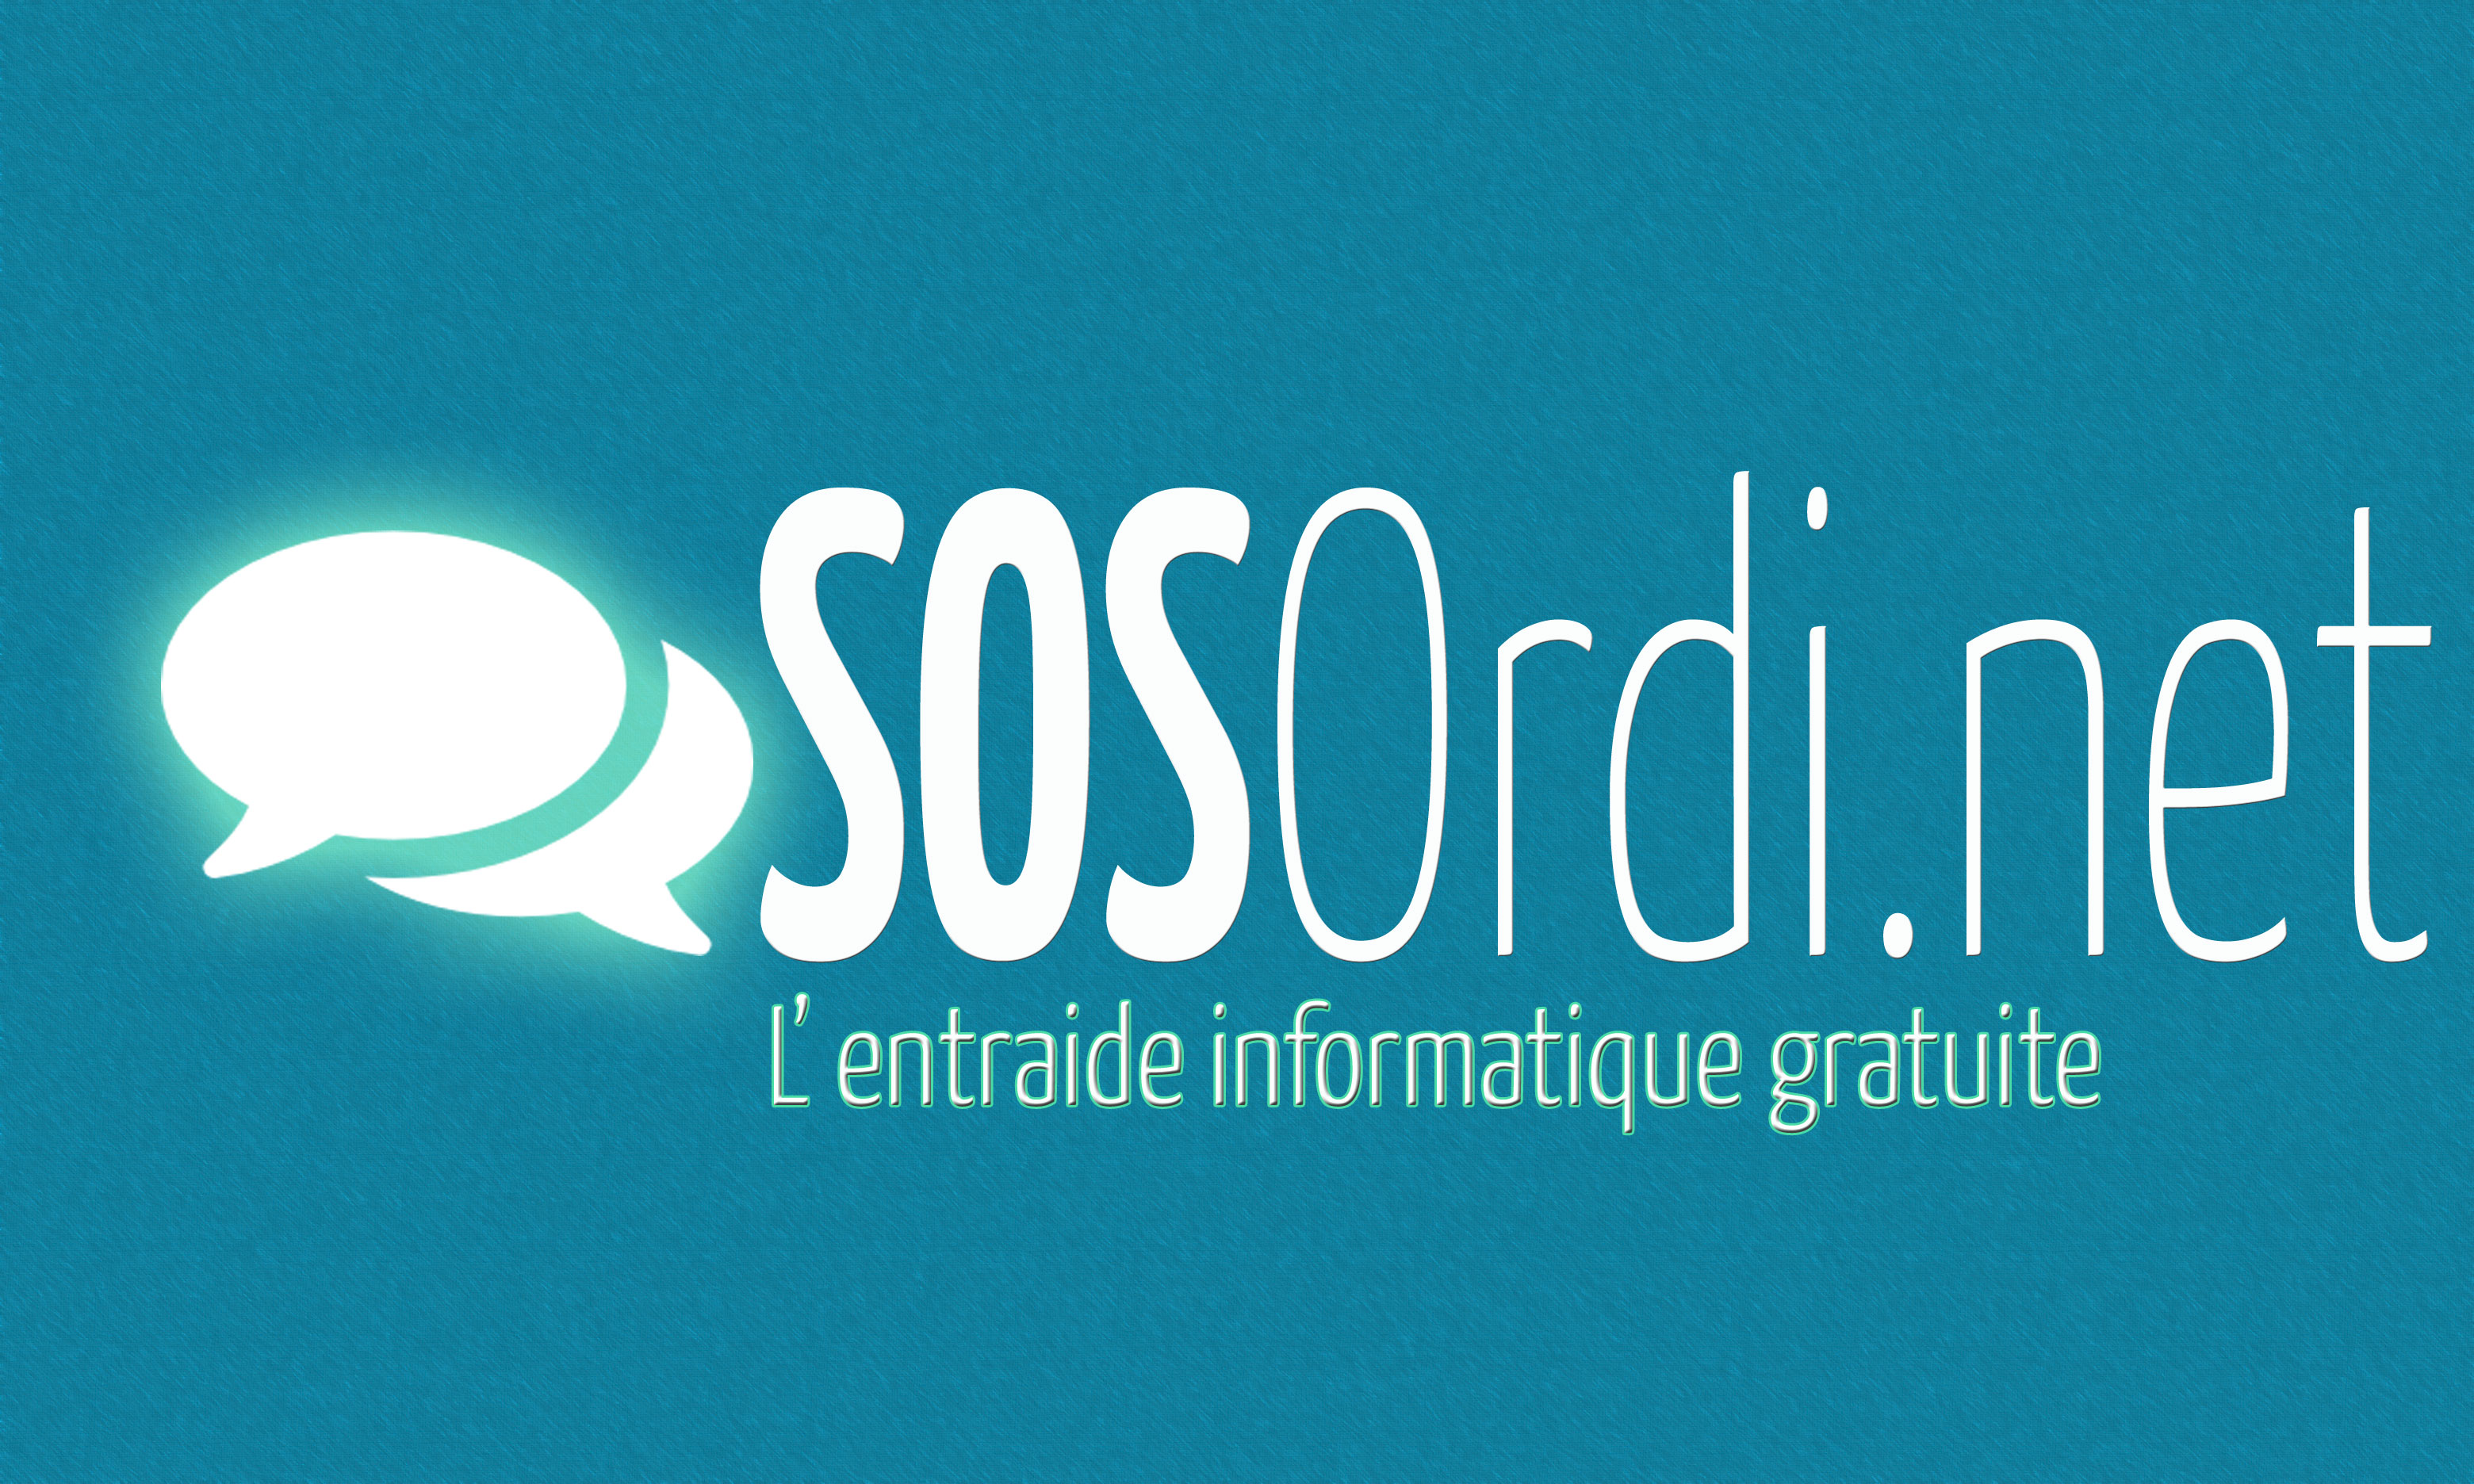 SOSOrdi.net : nous aussi, on a des questions ! (mais d'autres...)